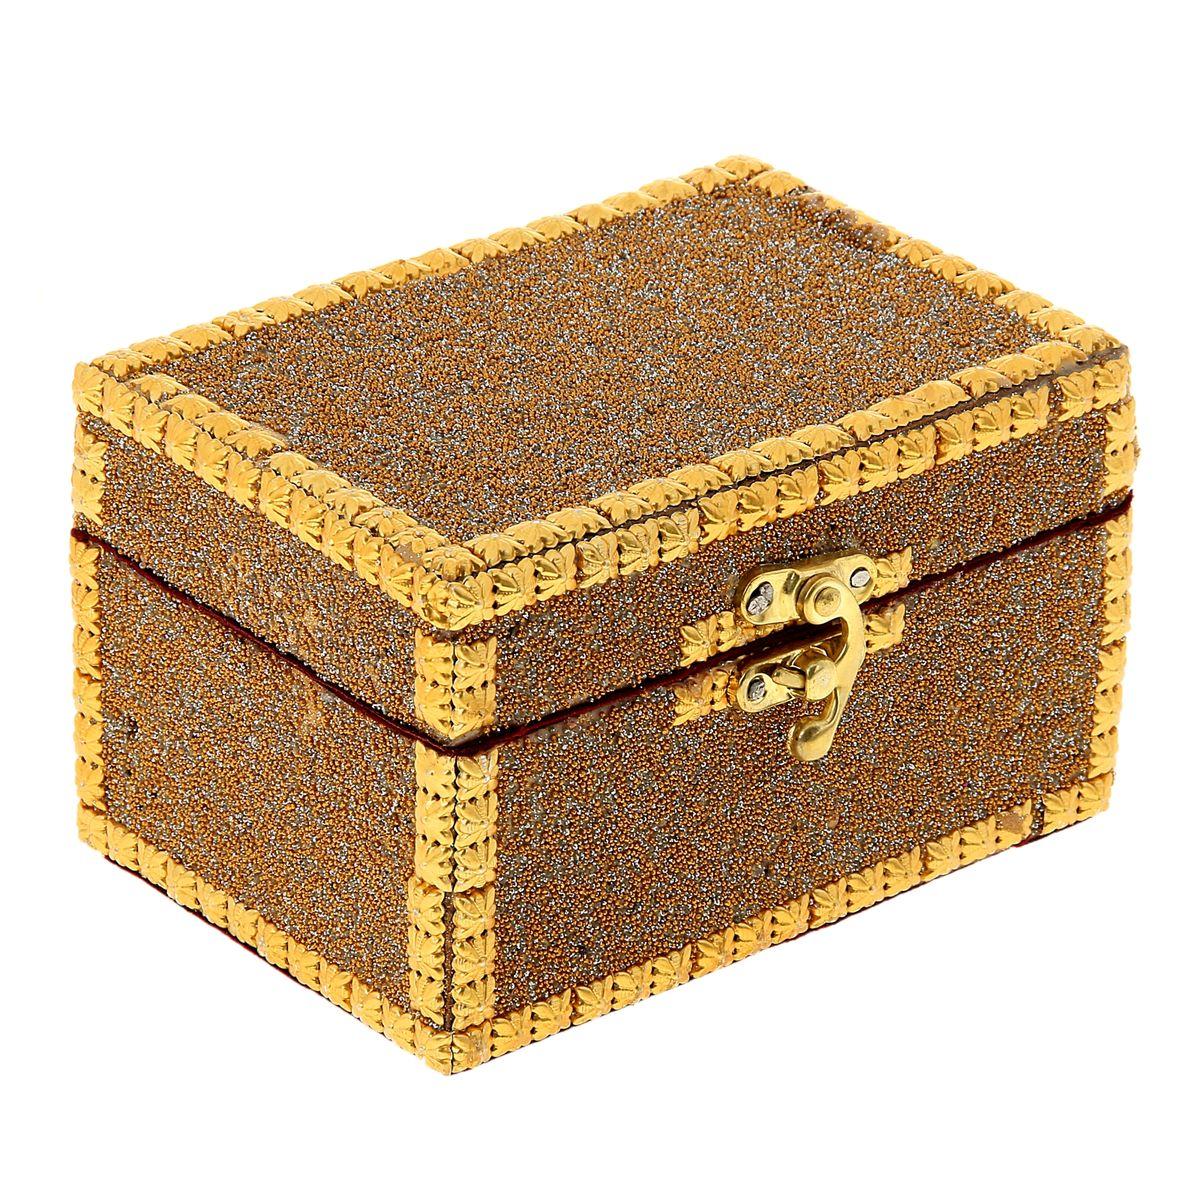 Шкатулка Sima-land Инкрустированная, 14,5 см х 10 см х 9 смFS-80299Шкатулка Sima-land Инкрустированная изготовлена из МДФ и металла. Шкатулка имеет одно отделение, обитое тканью, и замок. Такая шкатулка - не простой сувенир. Ее функция не только декоративная, но и сугубо практическая - служить удобным и надежным местом для хранения самых разных мелочей. Разумеется, особо неравнодушны к этим элегантным предметам интерьера женщины. Мастерицы кладут в шкатулки швейные и рукодельные принадлежности. Модницы и светские львицы - любимые украшения и аксессуары. И, конечно, многие представительницы прекрасного пола хранят в шкатулках, убранных в укромный уголок, какие-то памятные знаки: фотографии, старые письма, сувениры, напоминающие о важных событиях и особо счастливых моментах, сухие лепестки роз и другие небольшие сокровища.